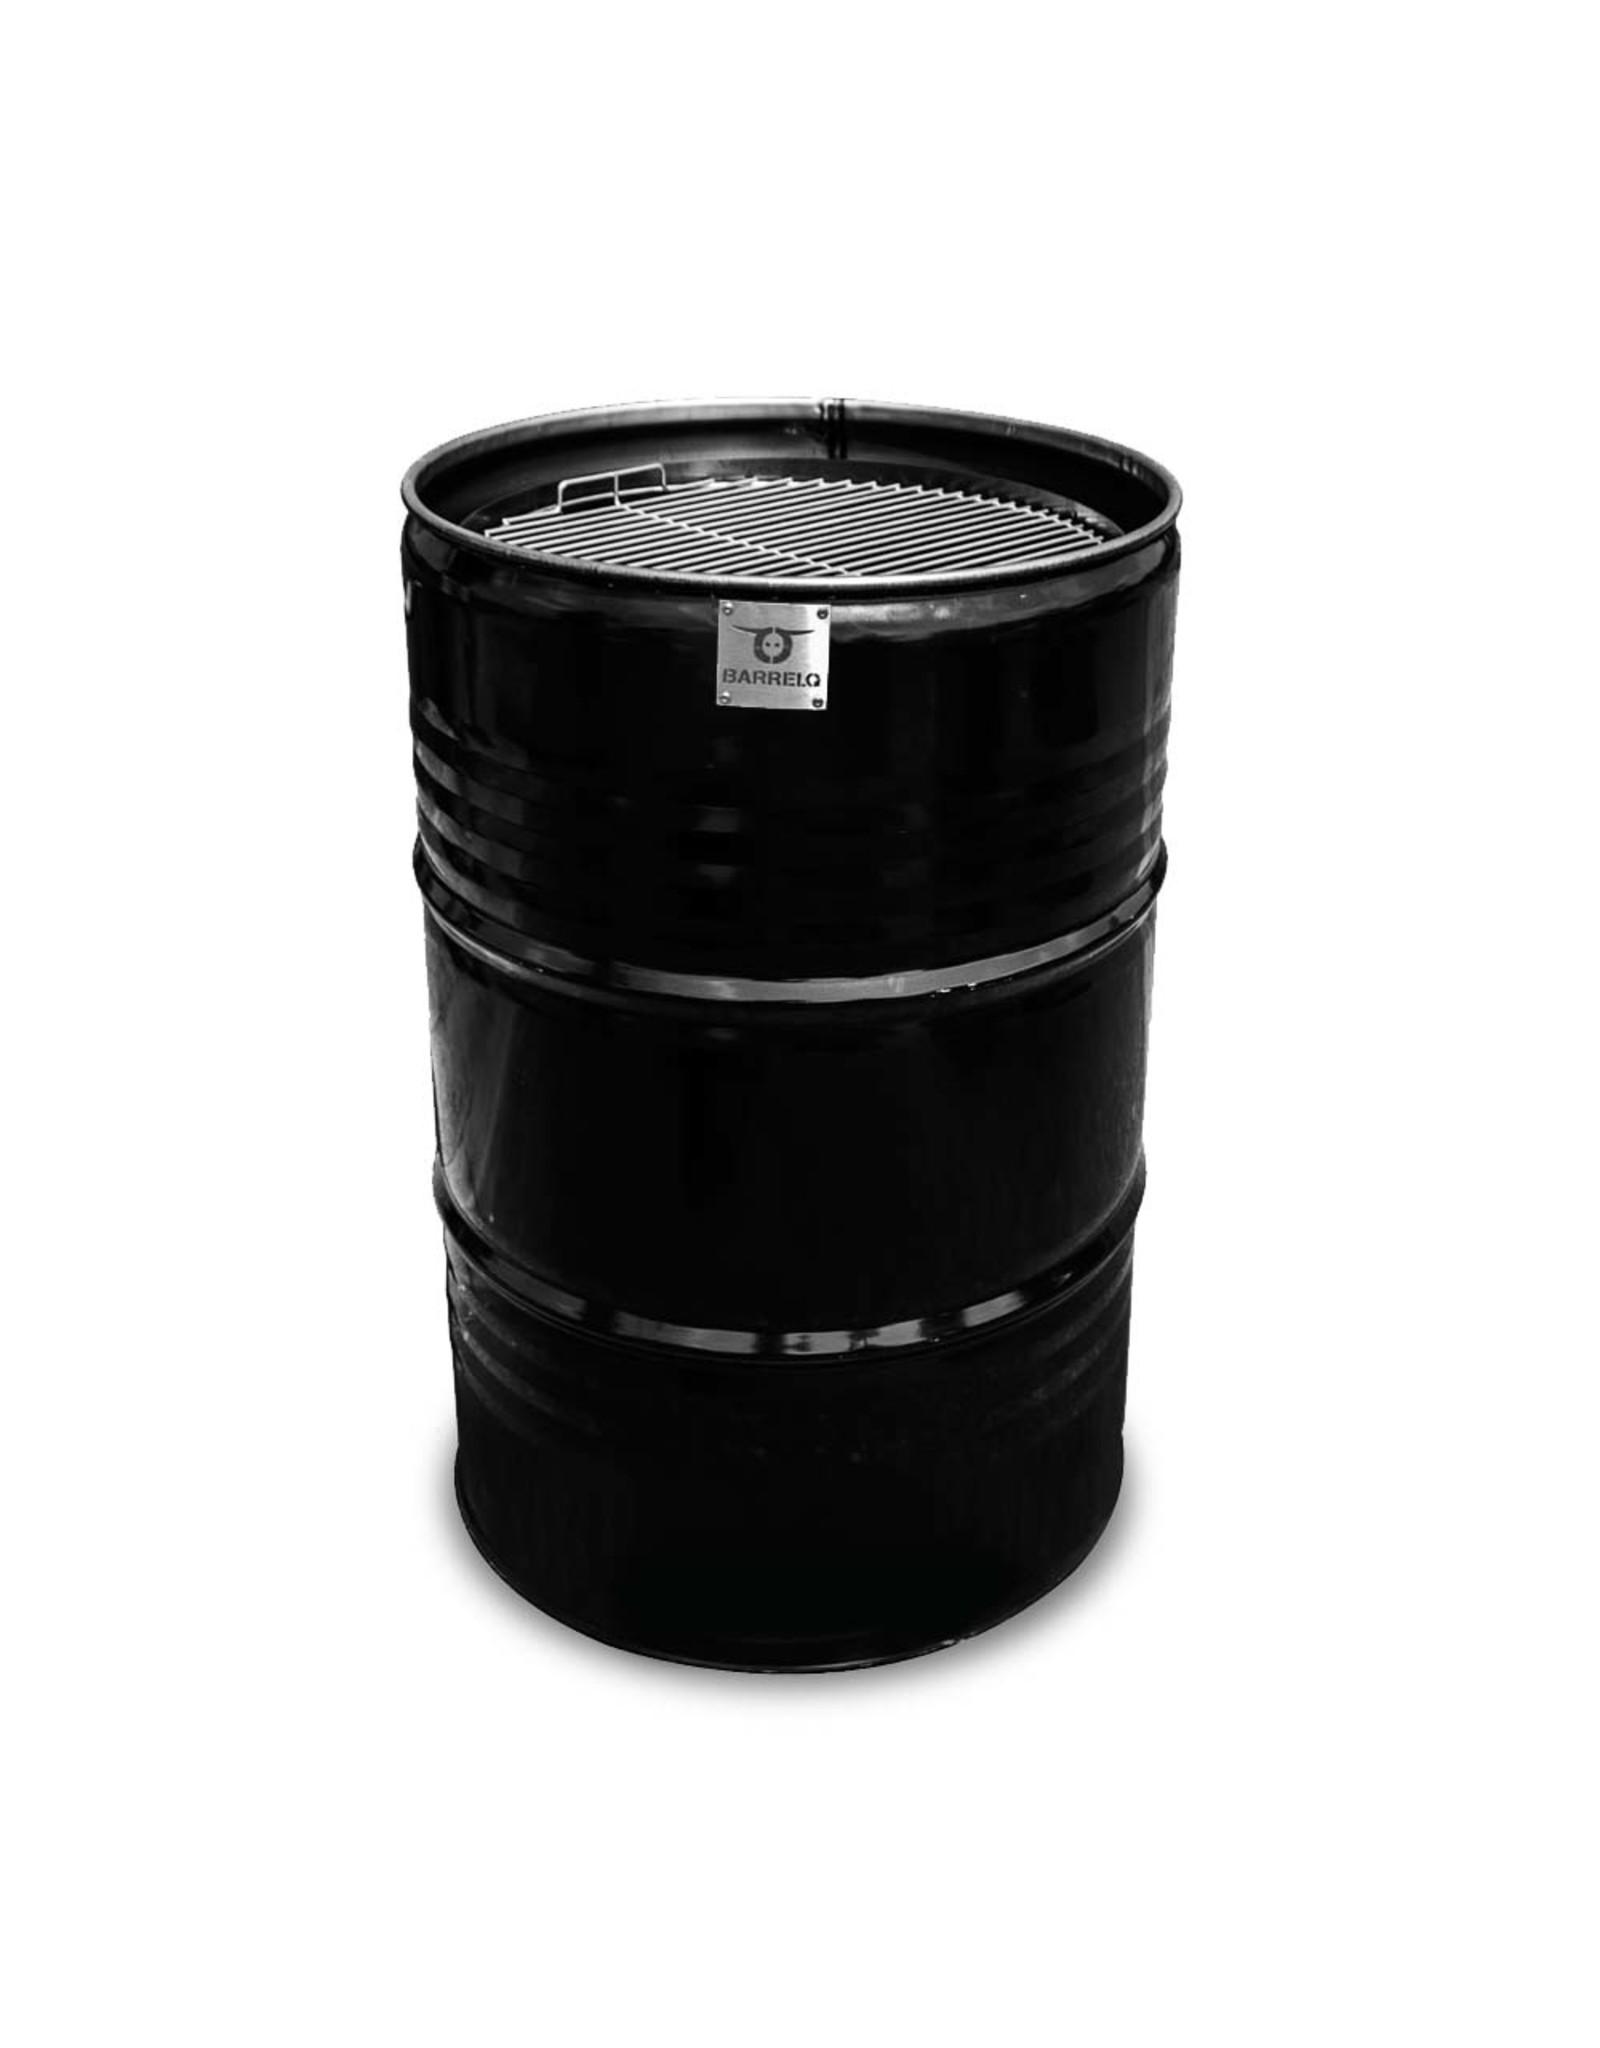 CombiDeal BarrelQ Big black 200 Liter Barbecue Teppanyaki Plate and BarrelQ Big Cover